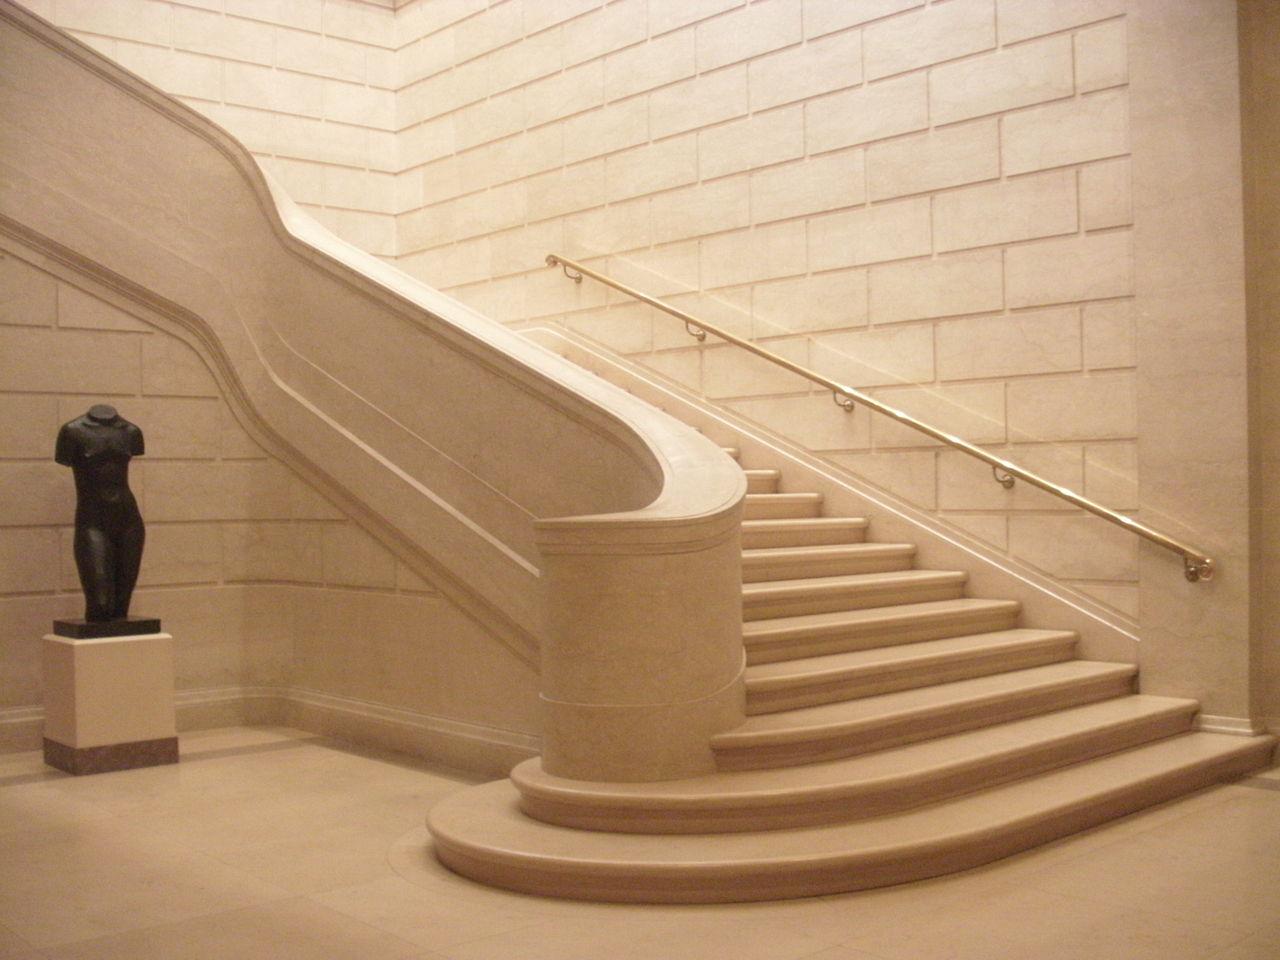 41x-National_Gallery,_West_Building_-_stairway.JPG